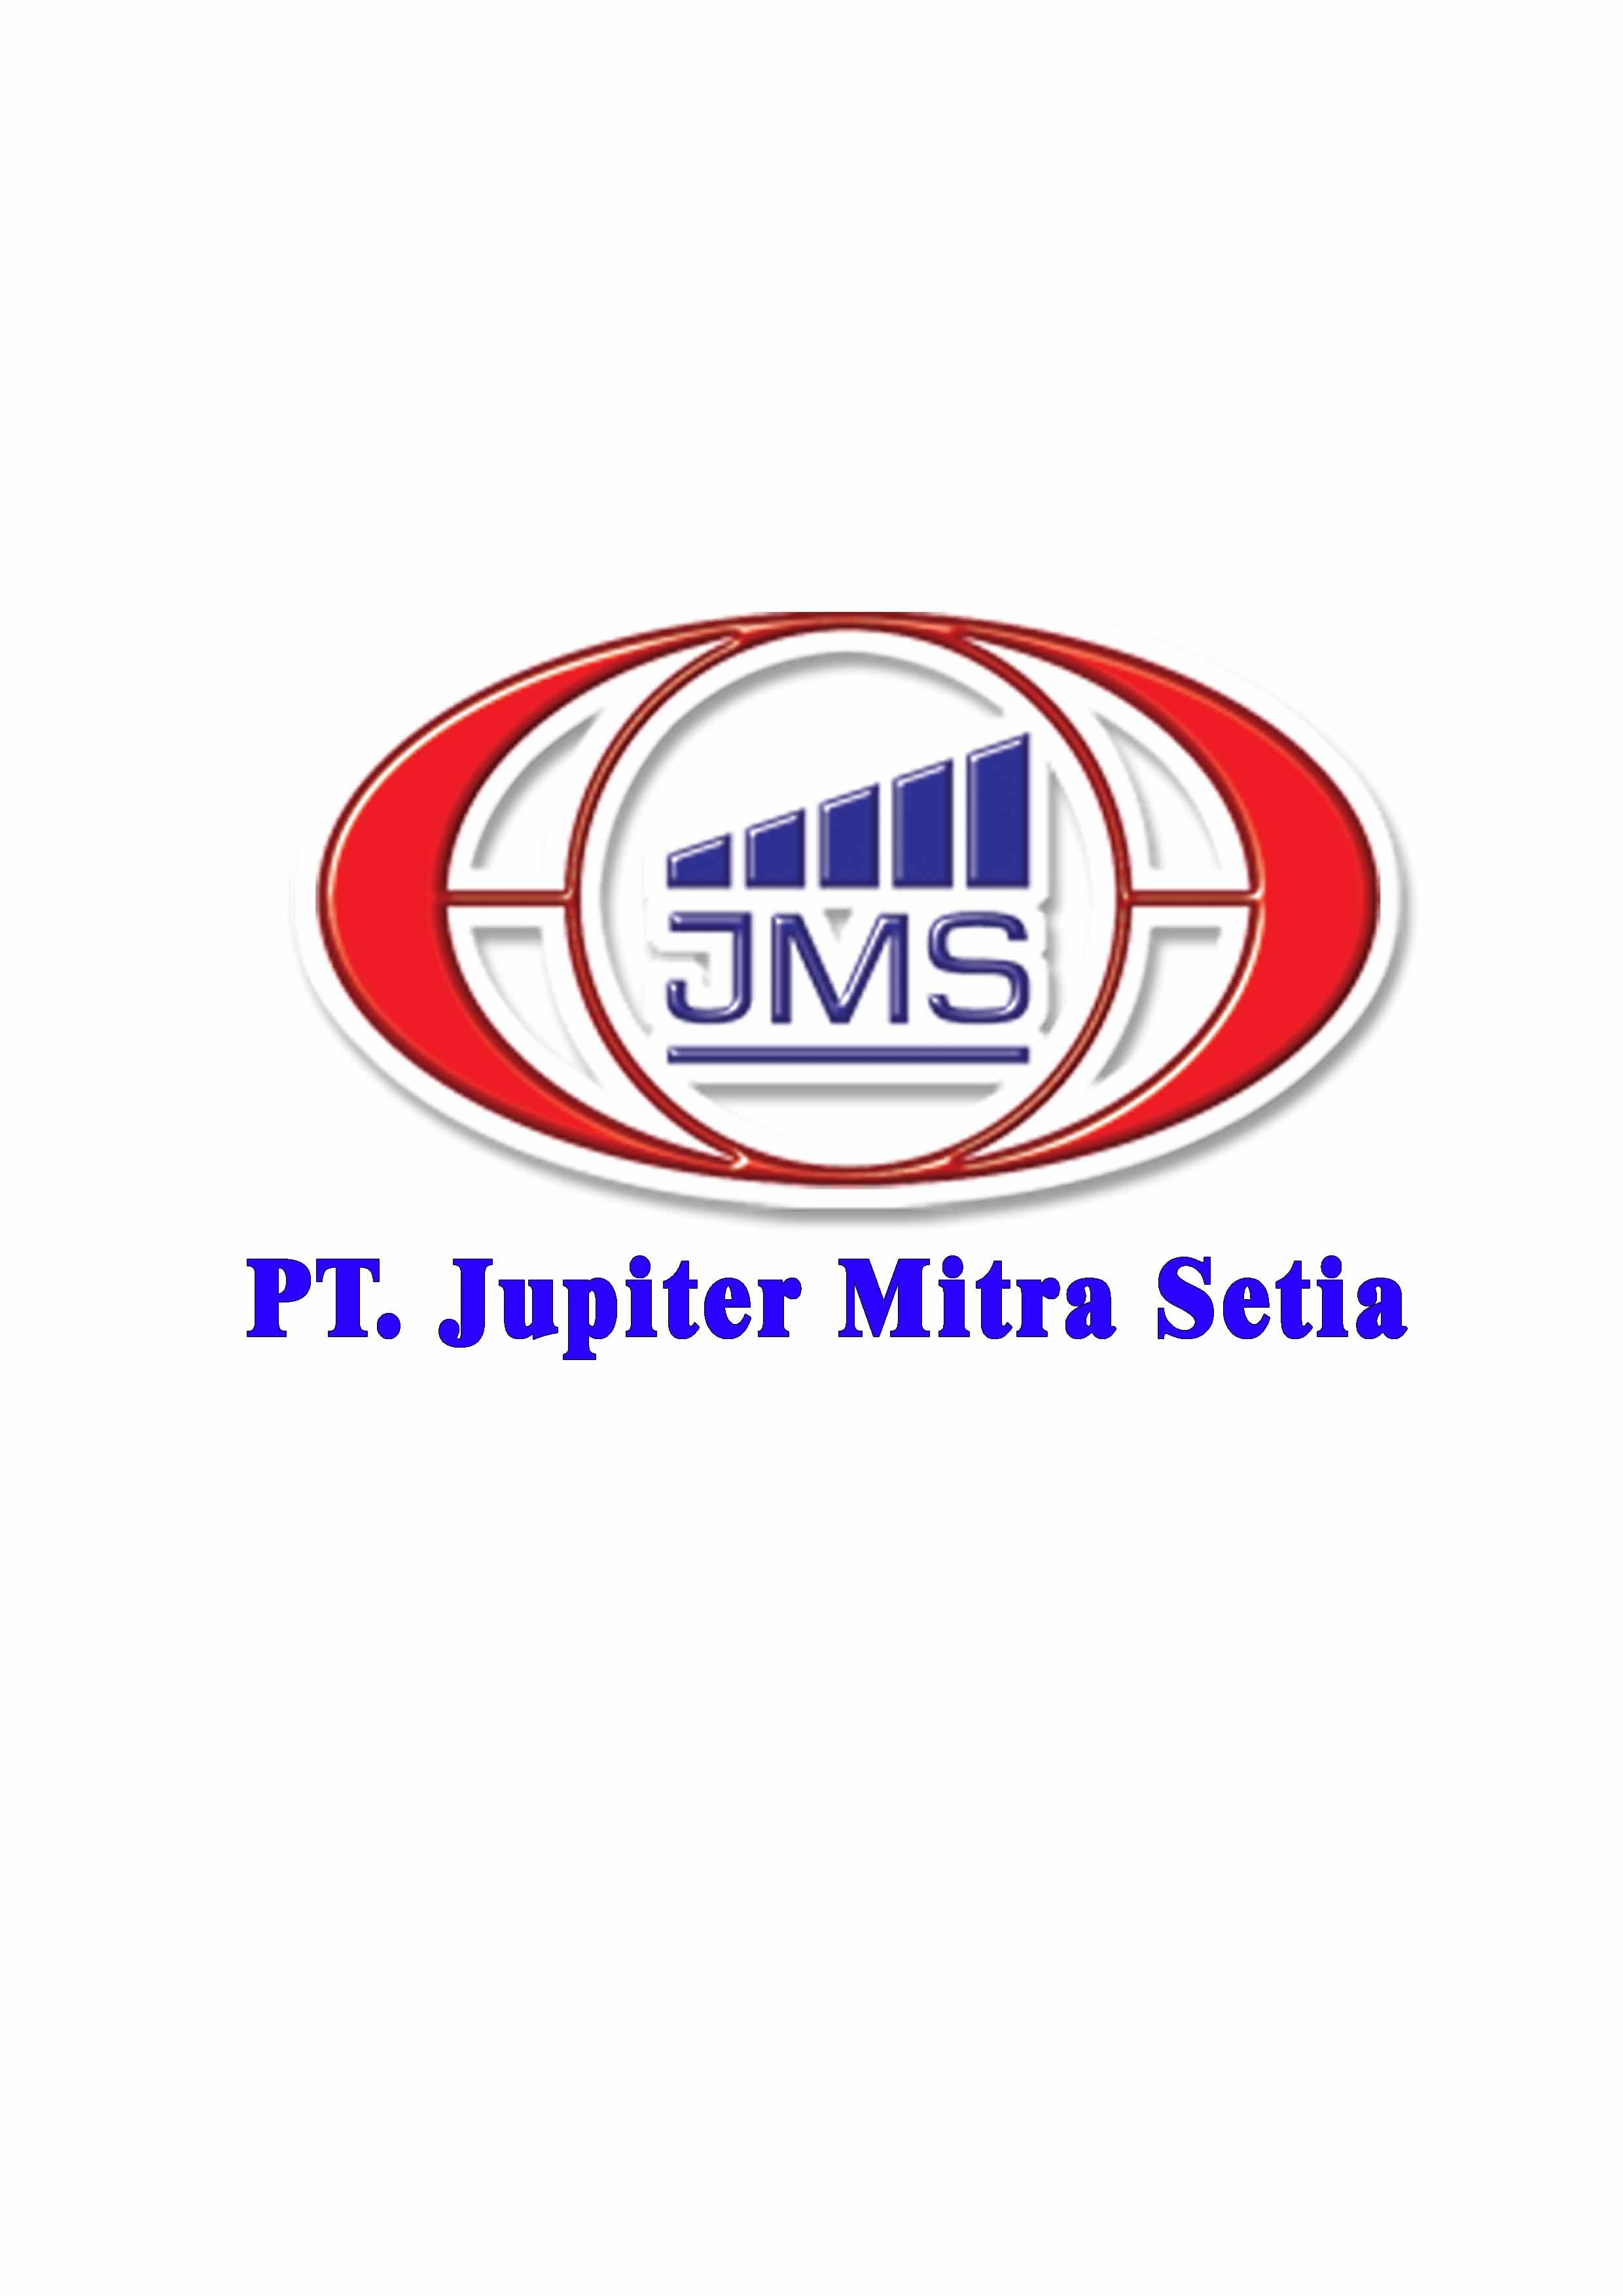 JUPITER MITRA SETIA